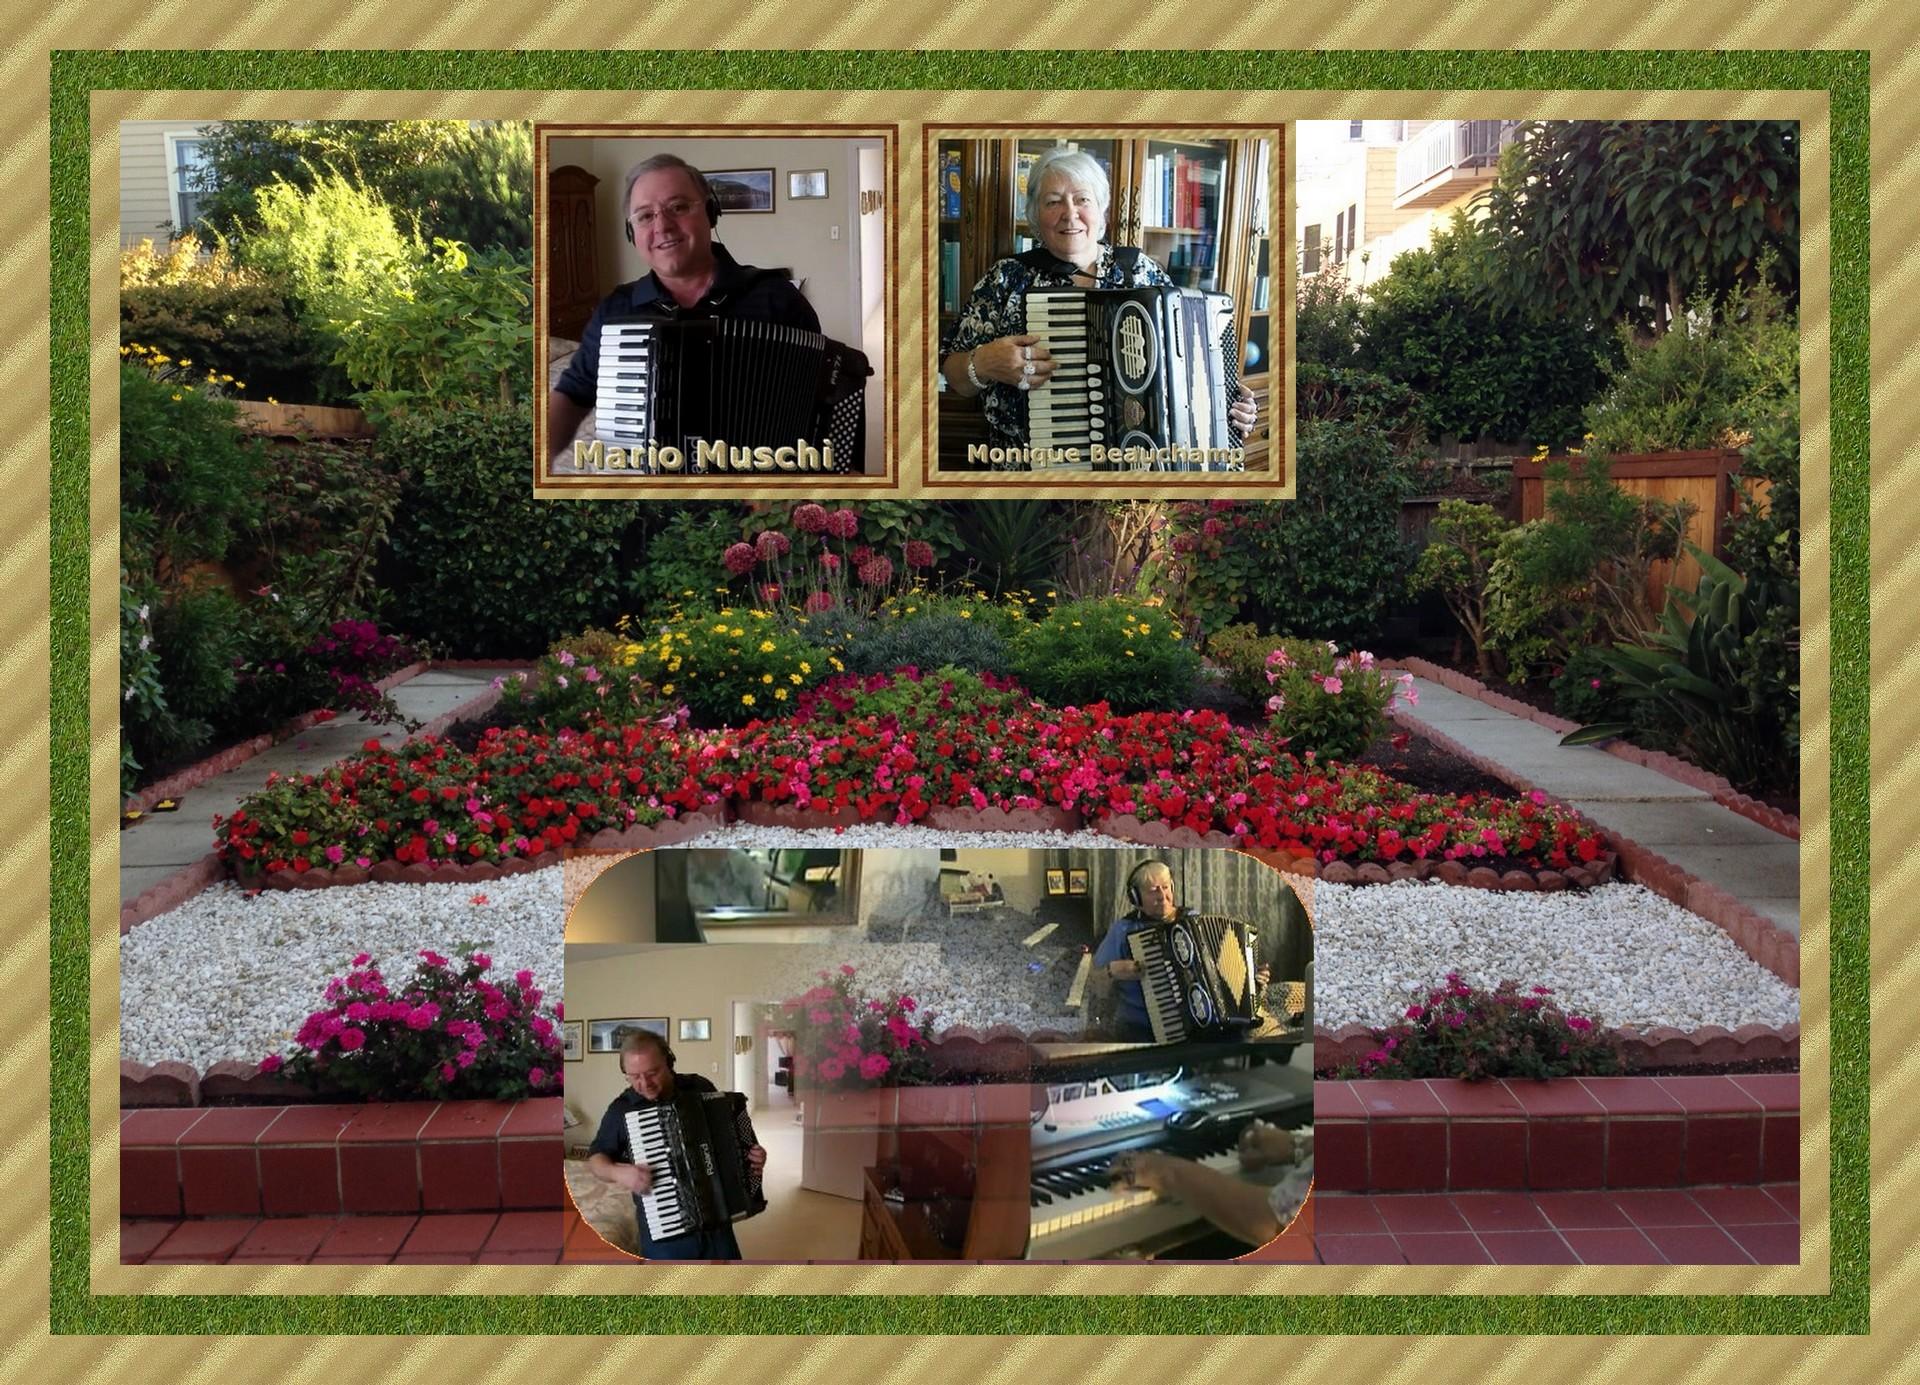 http://moniquebeauchamp.org/img6/garden-1920-1385-ByeBye.jpg